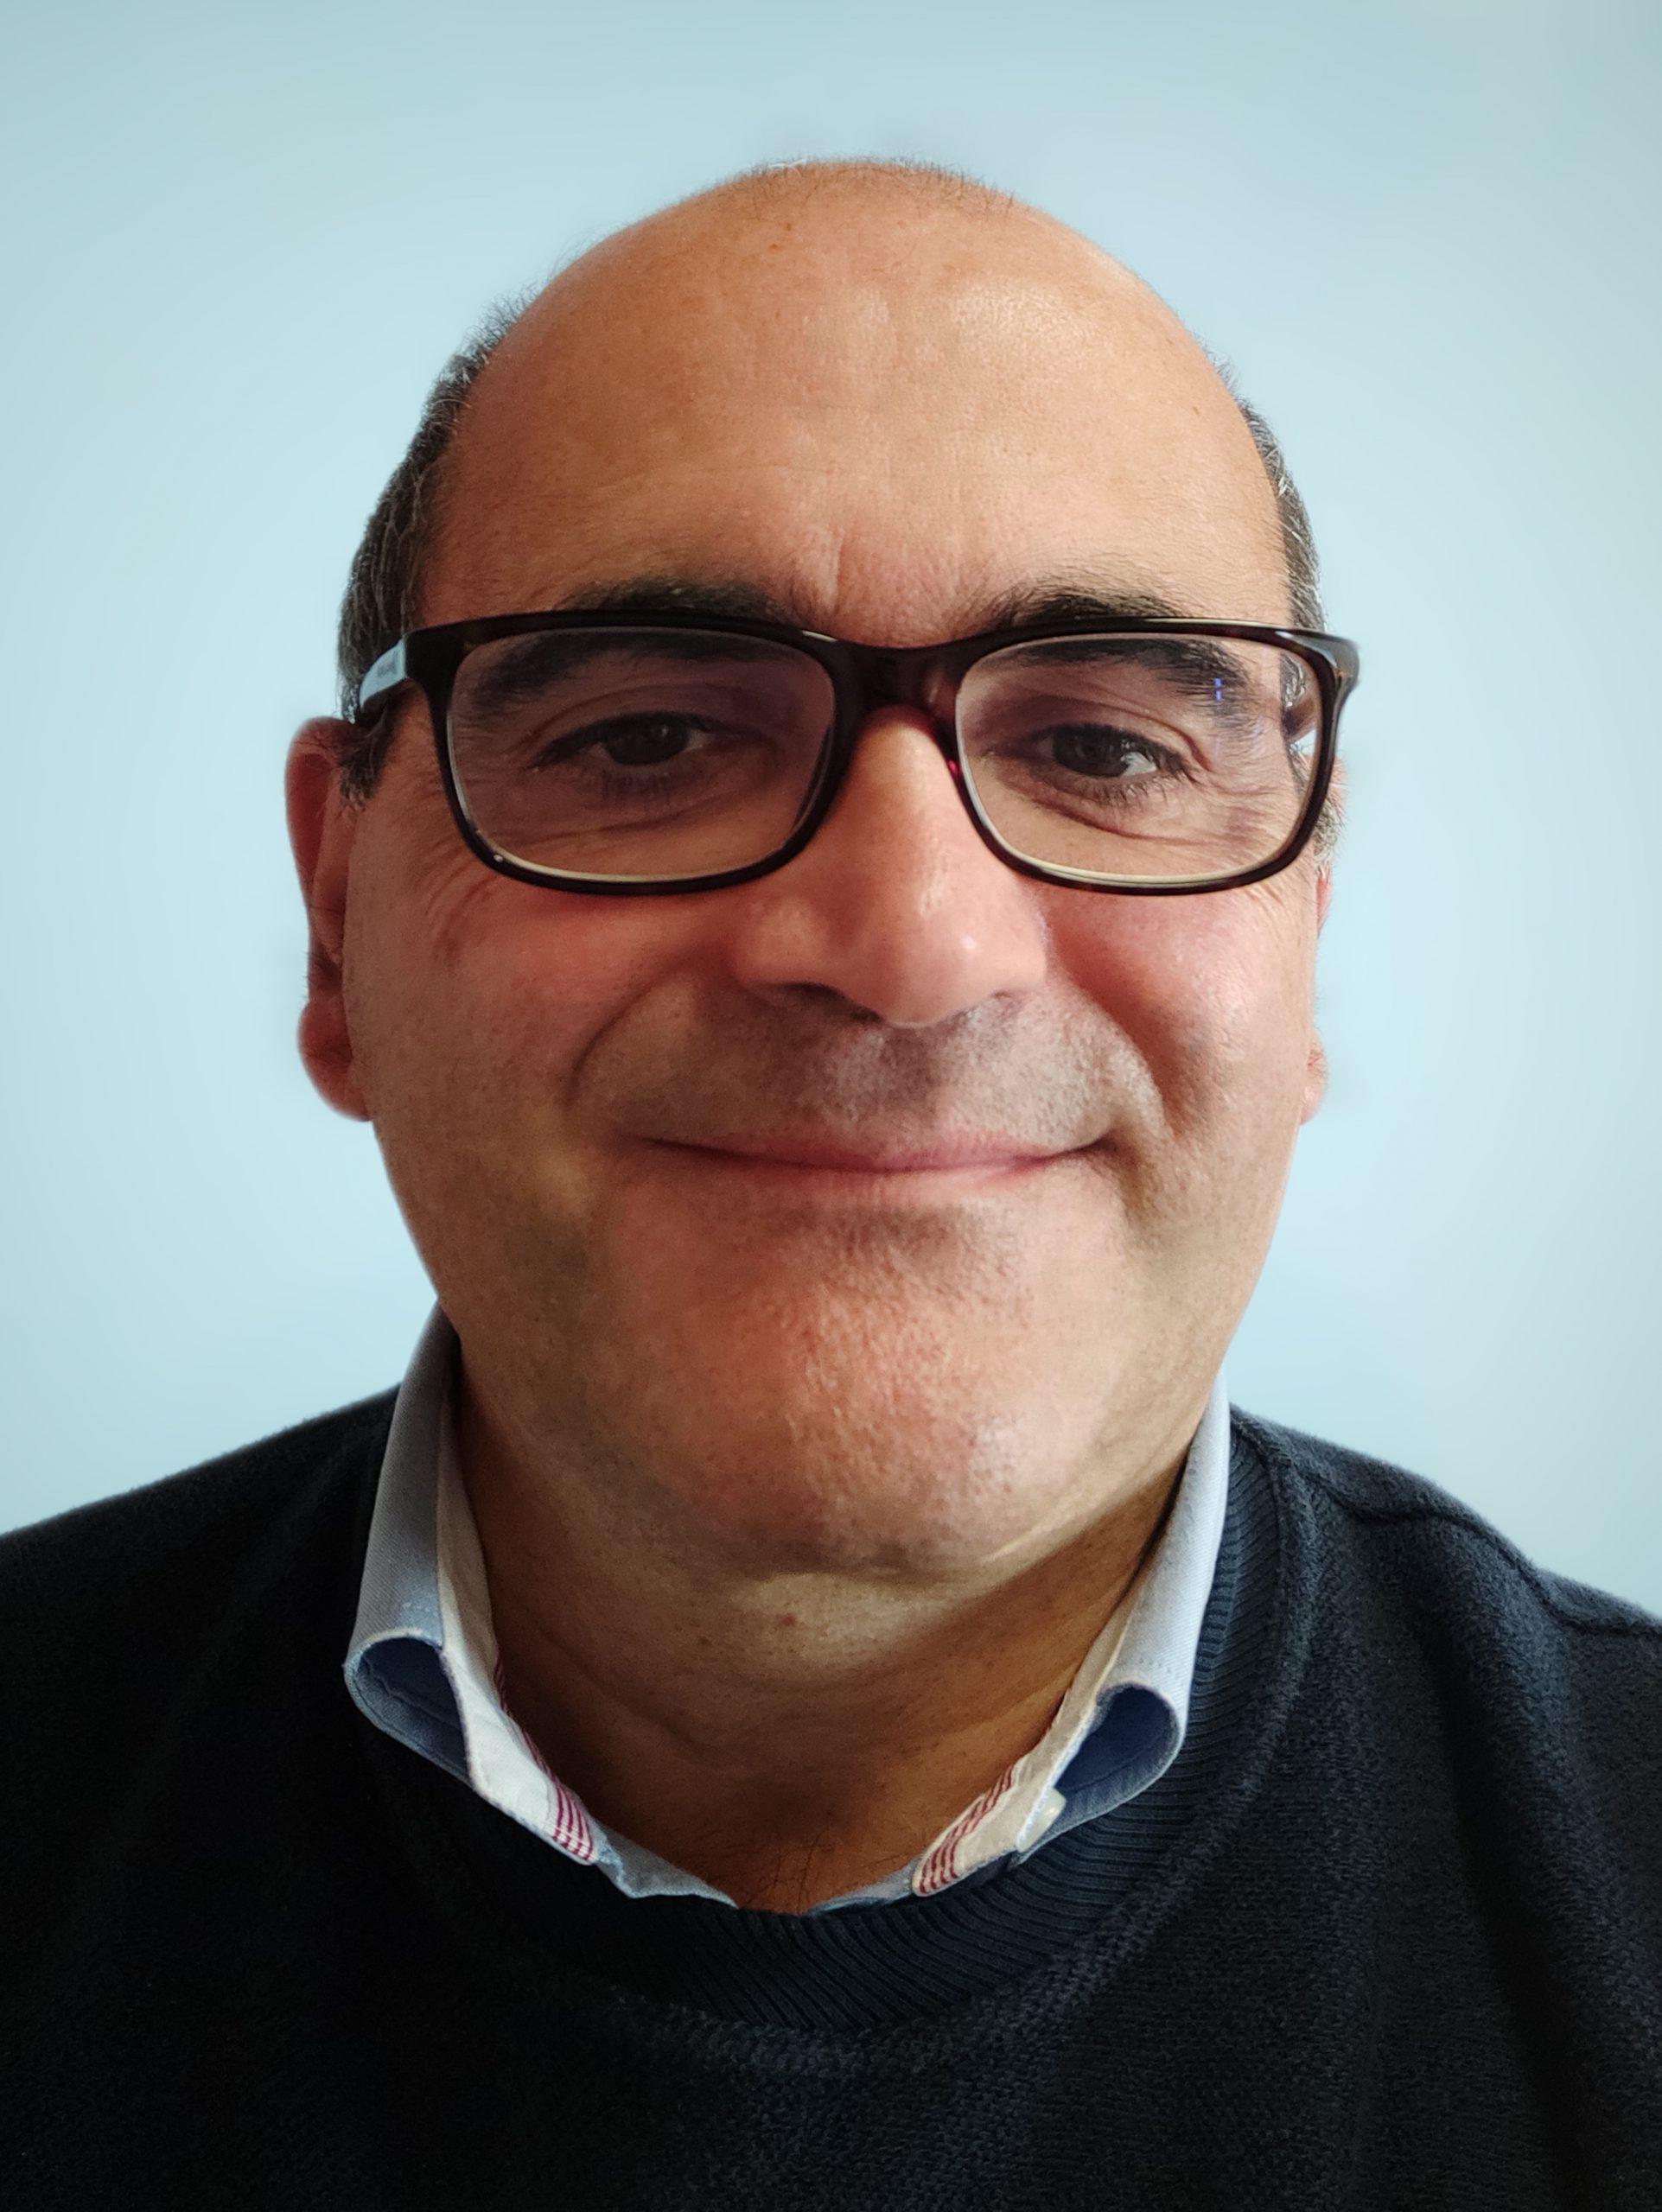 Giorgio Rosso, Rete 14 luglio, Italy